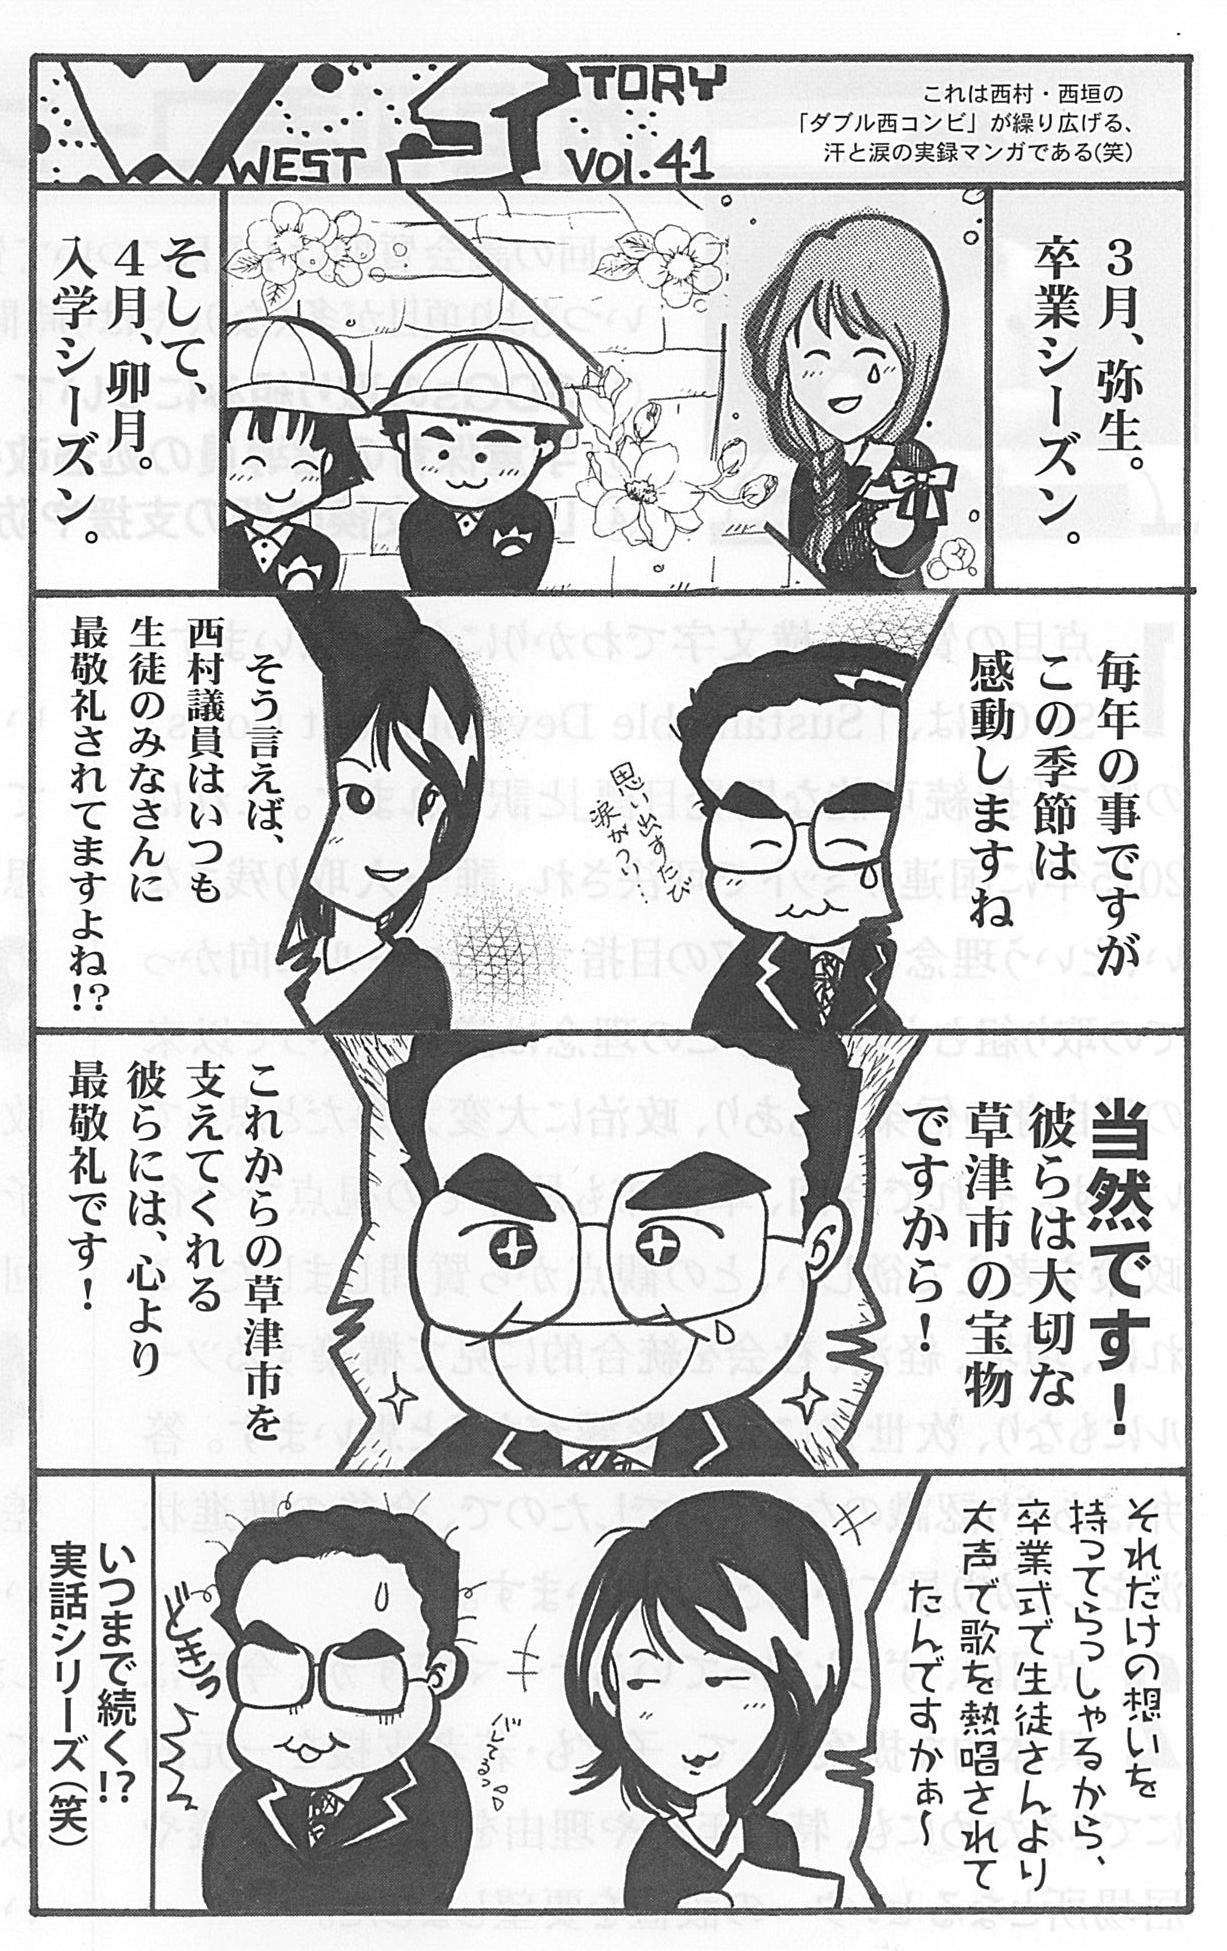 jitsuroku_vol41.jpg